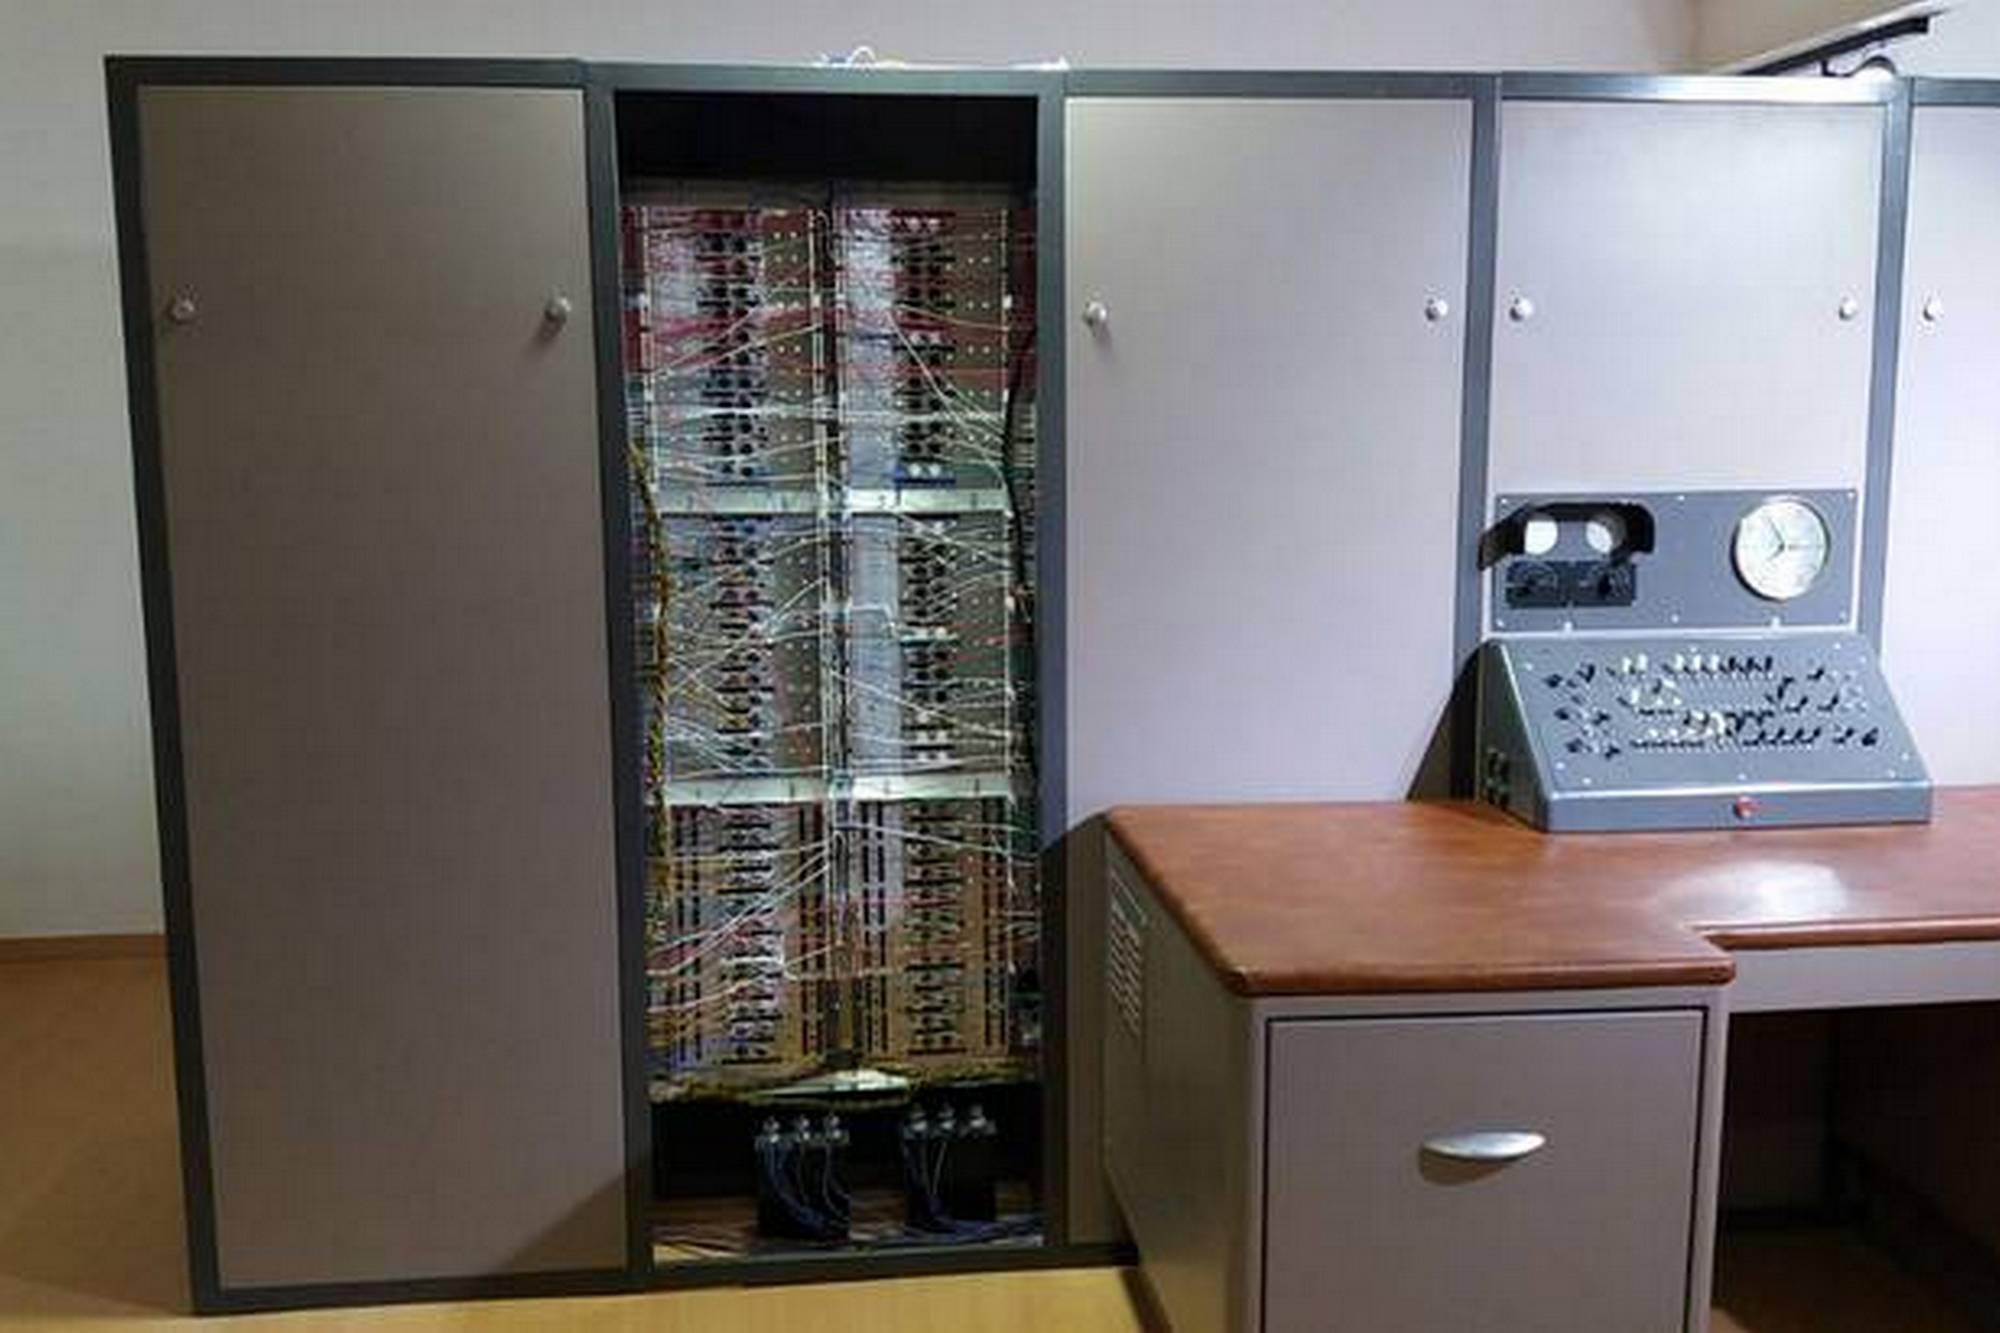 El Museo de Informática pone en venta su réplica de la supercomputadora Clementina para reabrir su sala de exposiciones